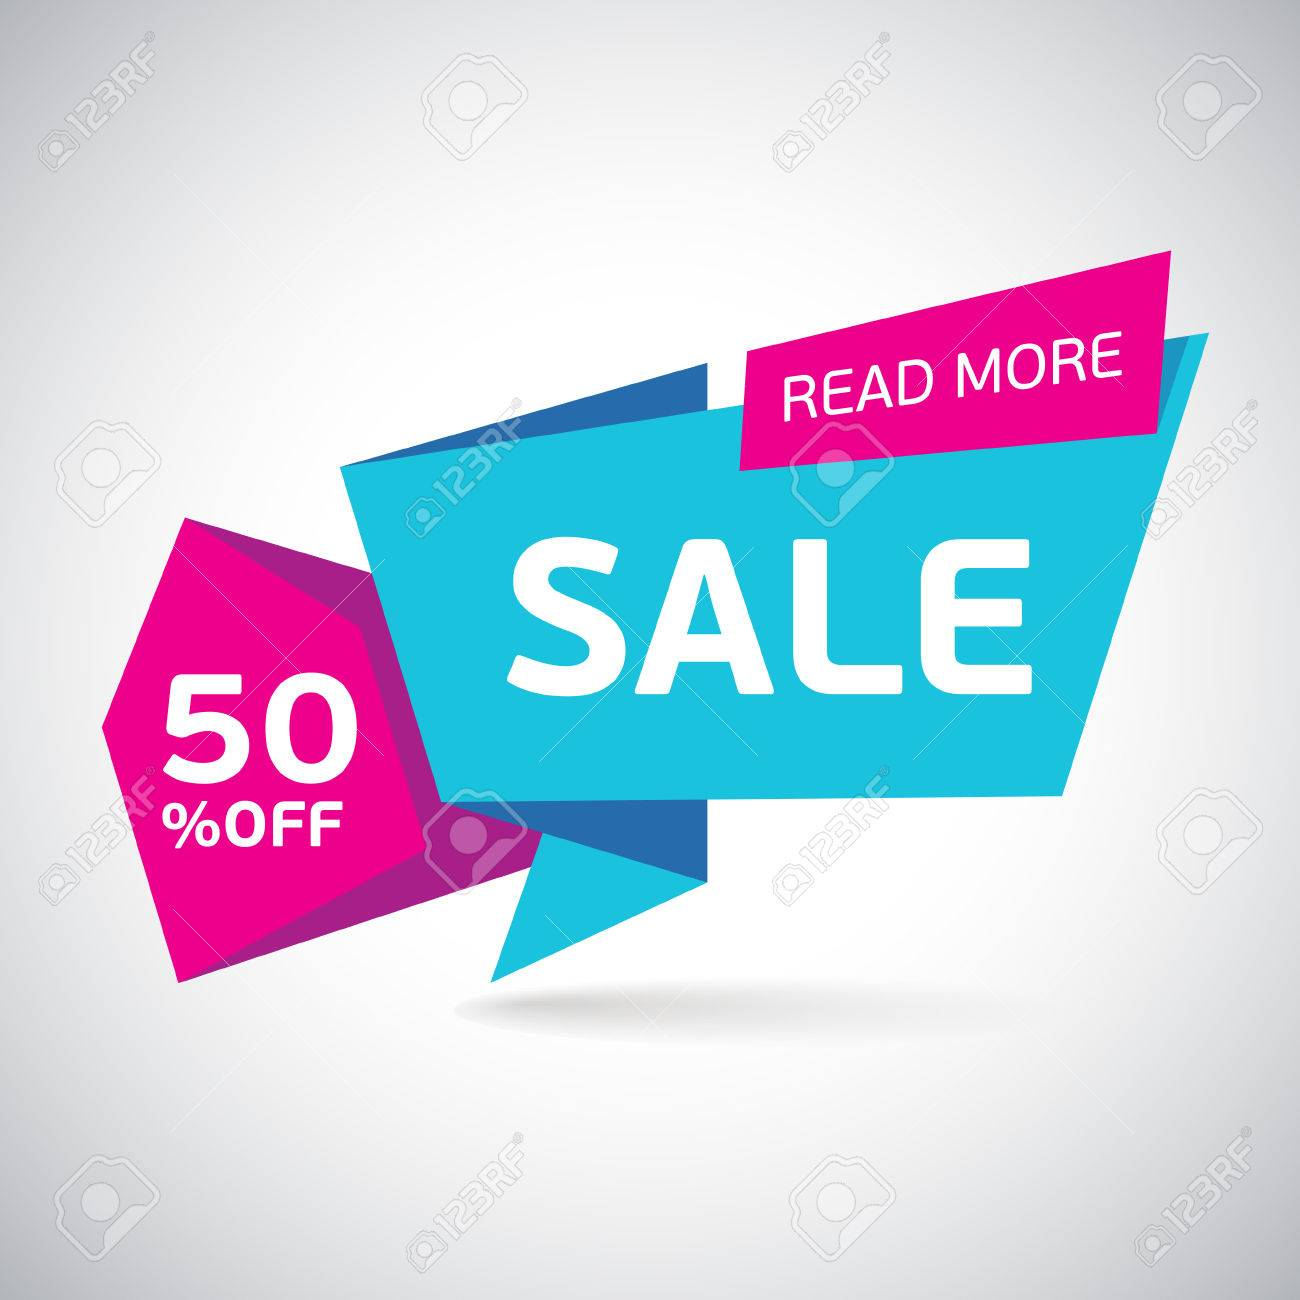 sale design template vector - 55381072